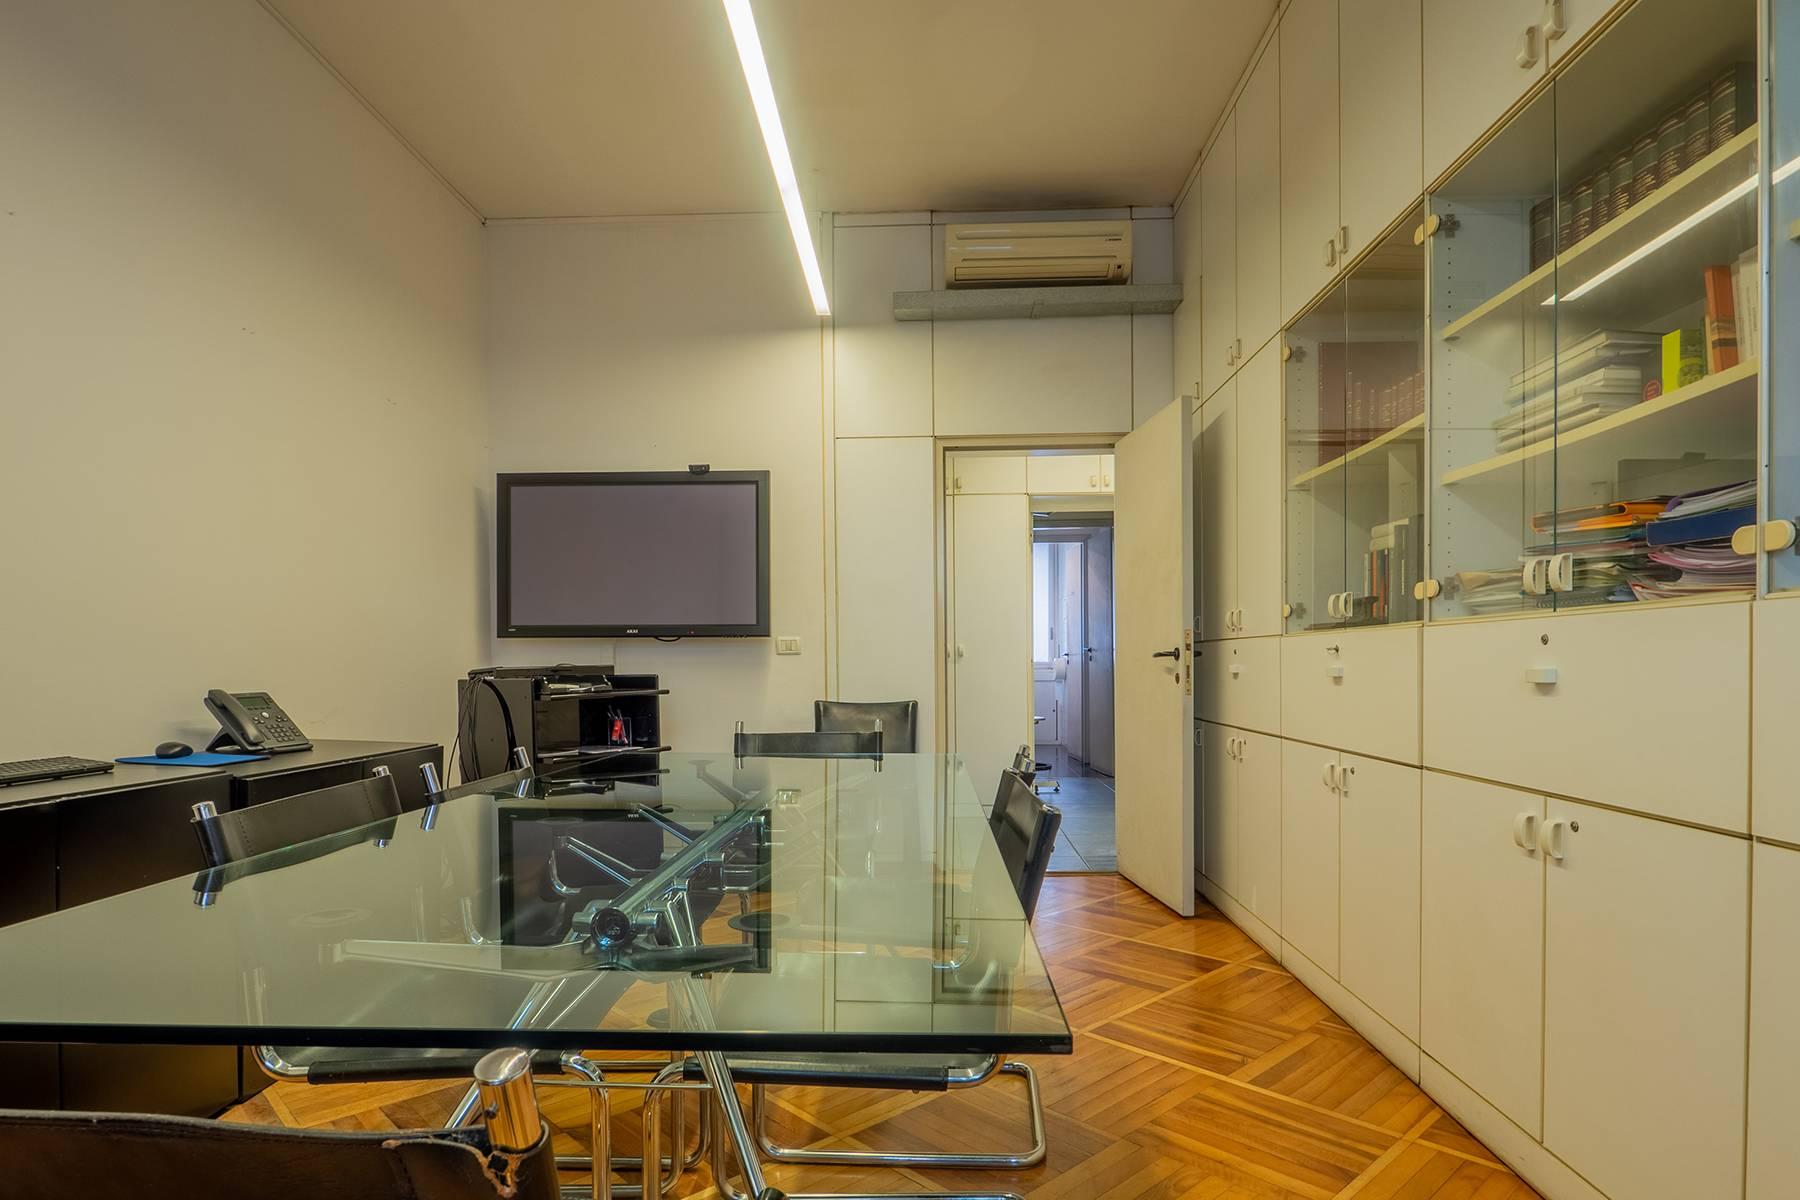 Ufficio-studio in Vendita a Torino: 4 locali, 224 mq - Foto 13